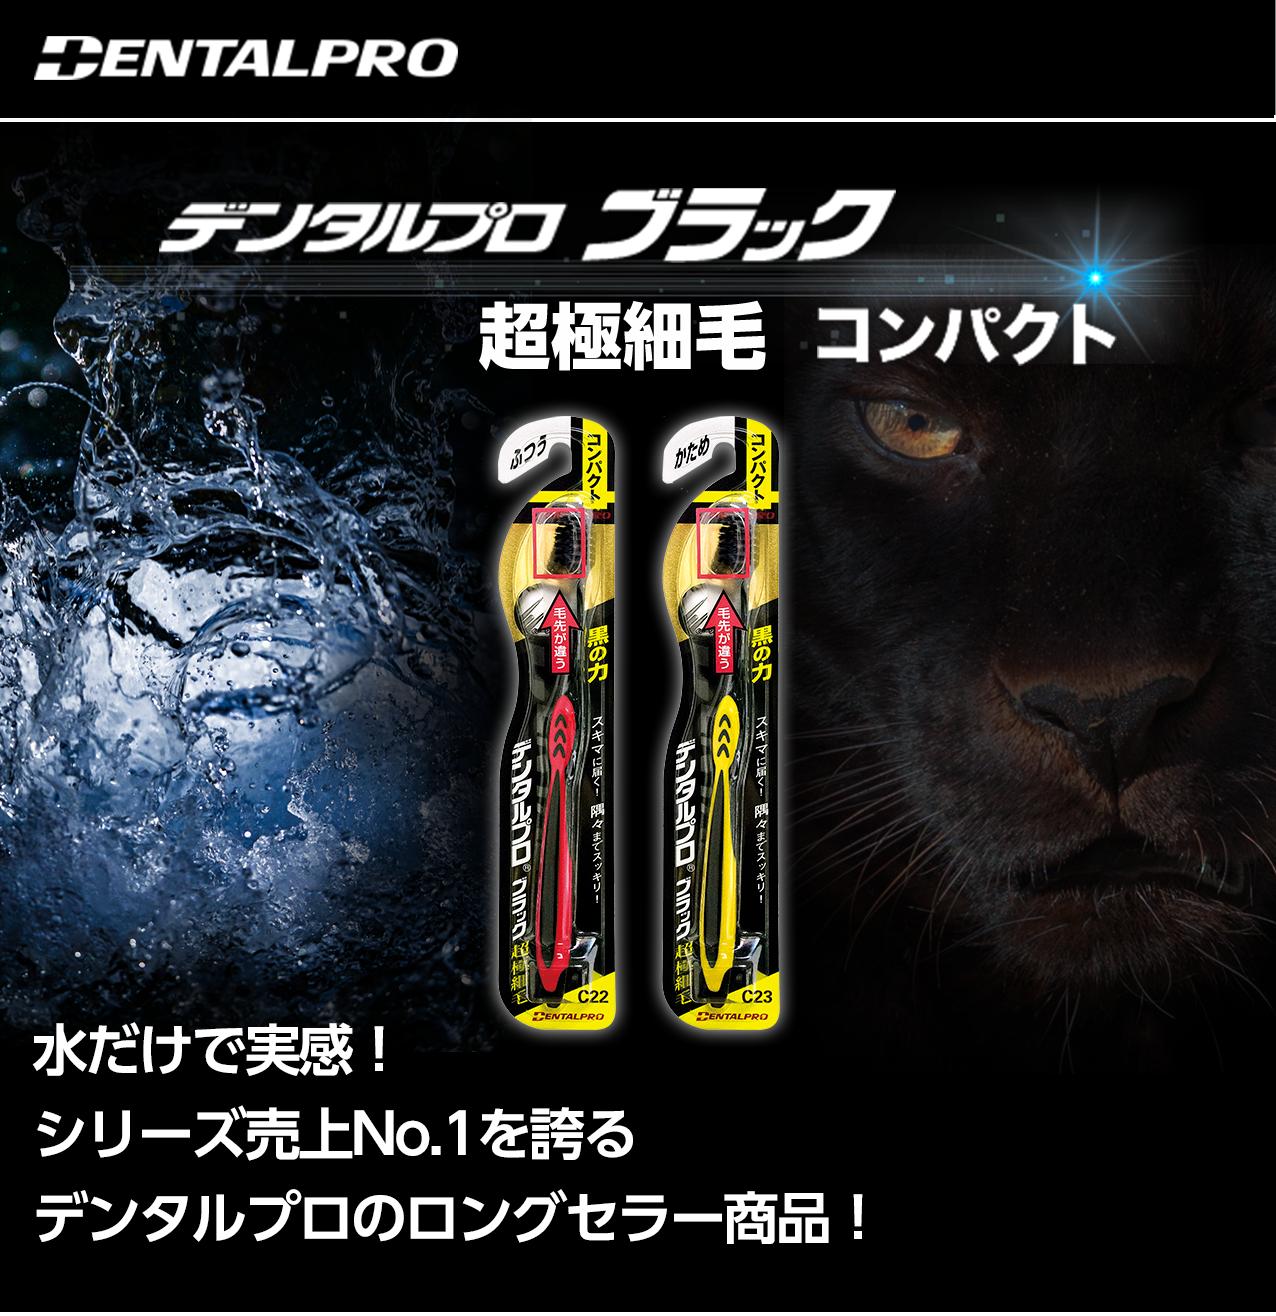 デンタルプロ ブラック コンパクト 水だけで実感!シリーズ売上No.1を誇る デンタルプロのロングセラー商品!